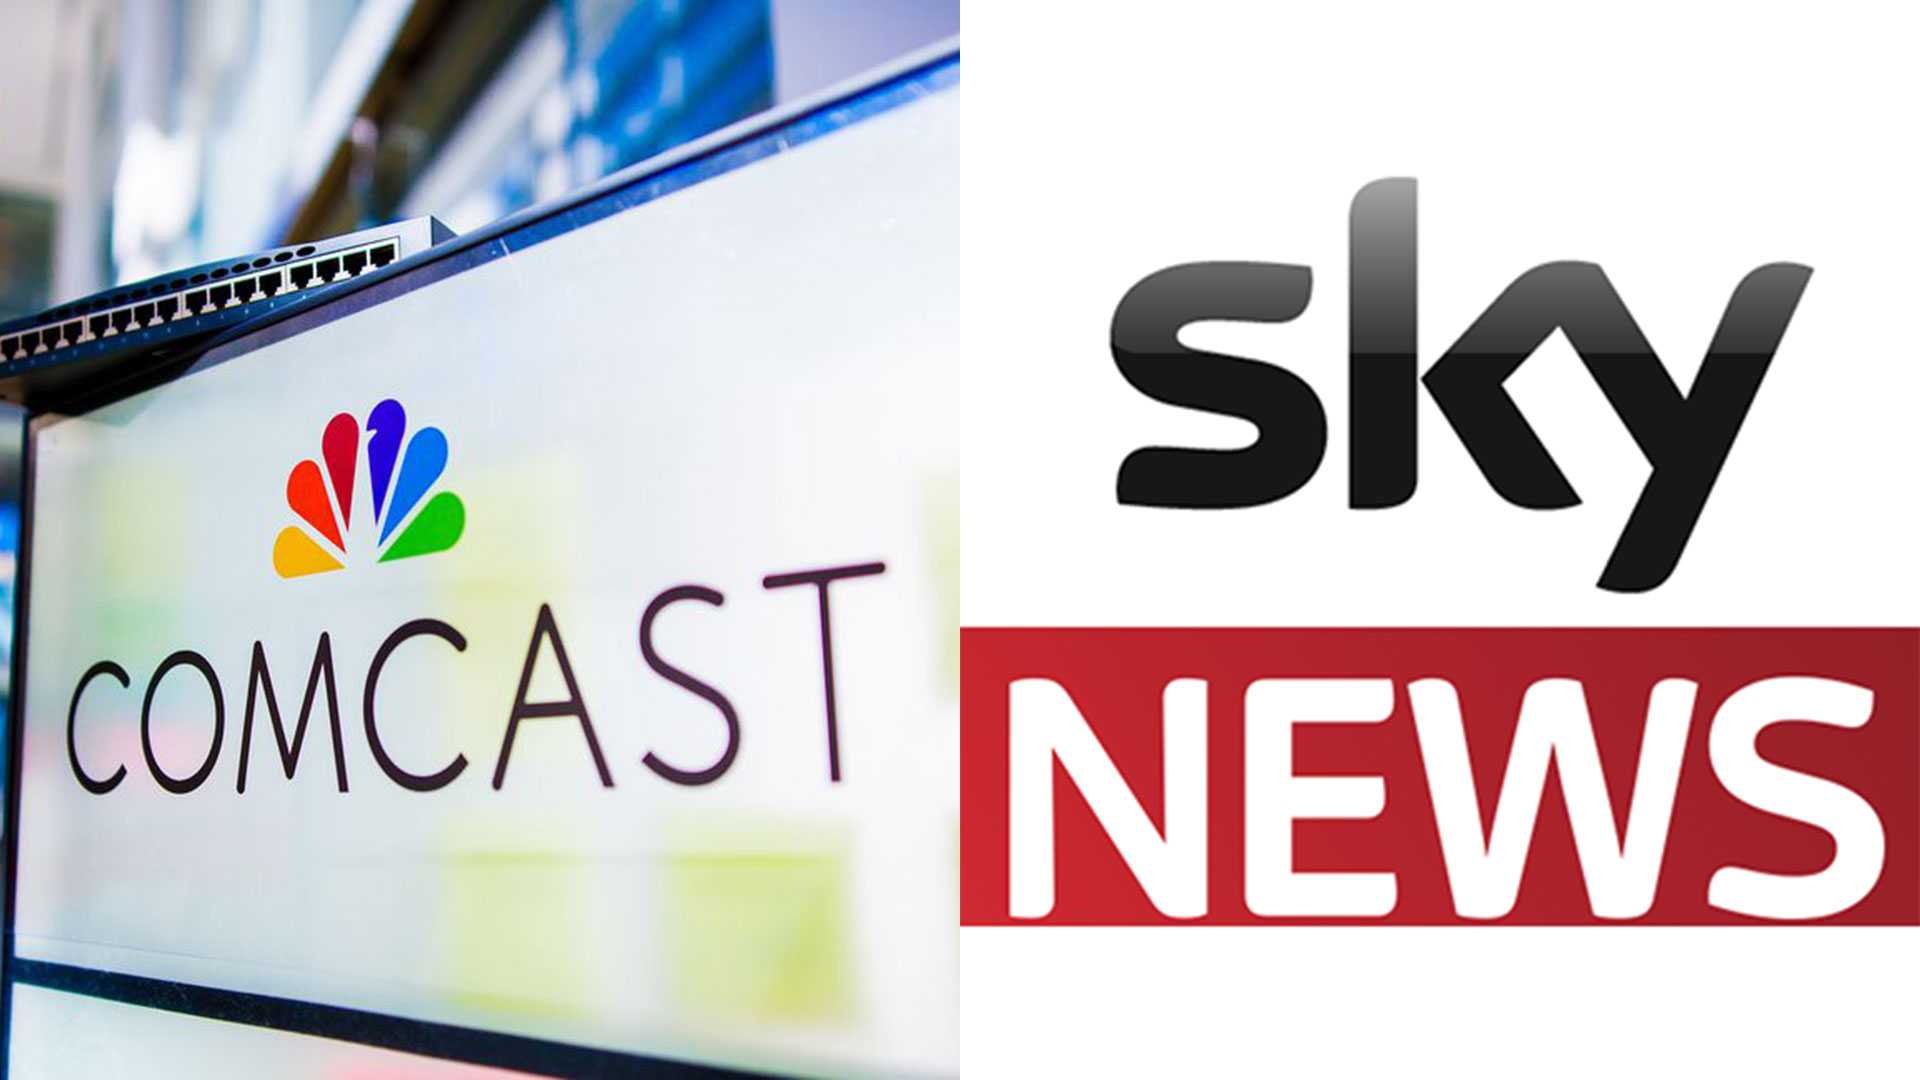 Sky es la compañía de medios más grande y líder de Europa y la mayor compañía de televisión por suscripción, con 21 millones de suscriptores y 30,000 empleados a partir de 2015.